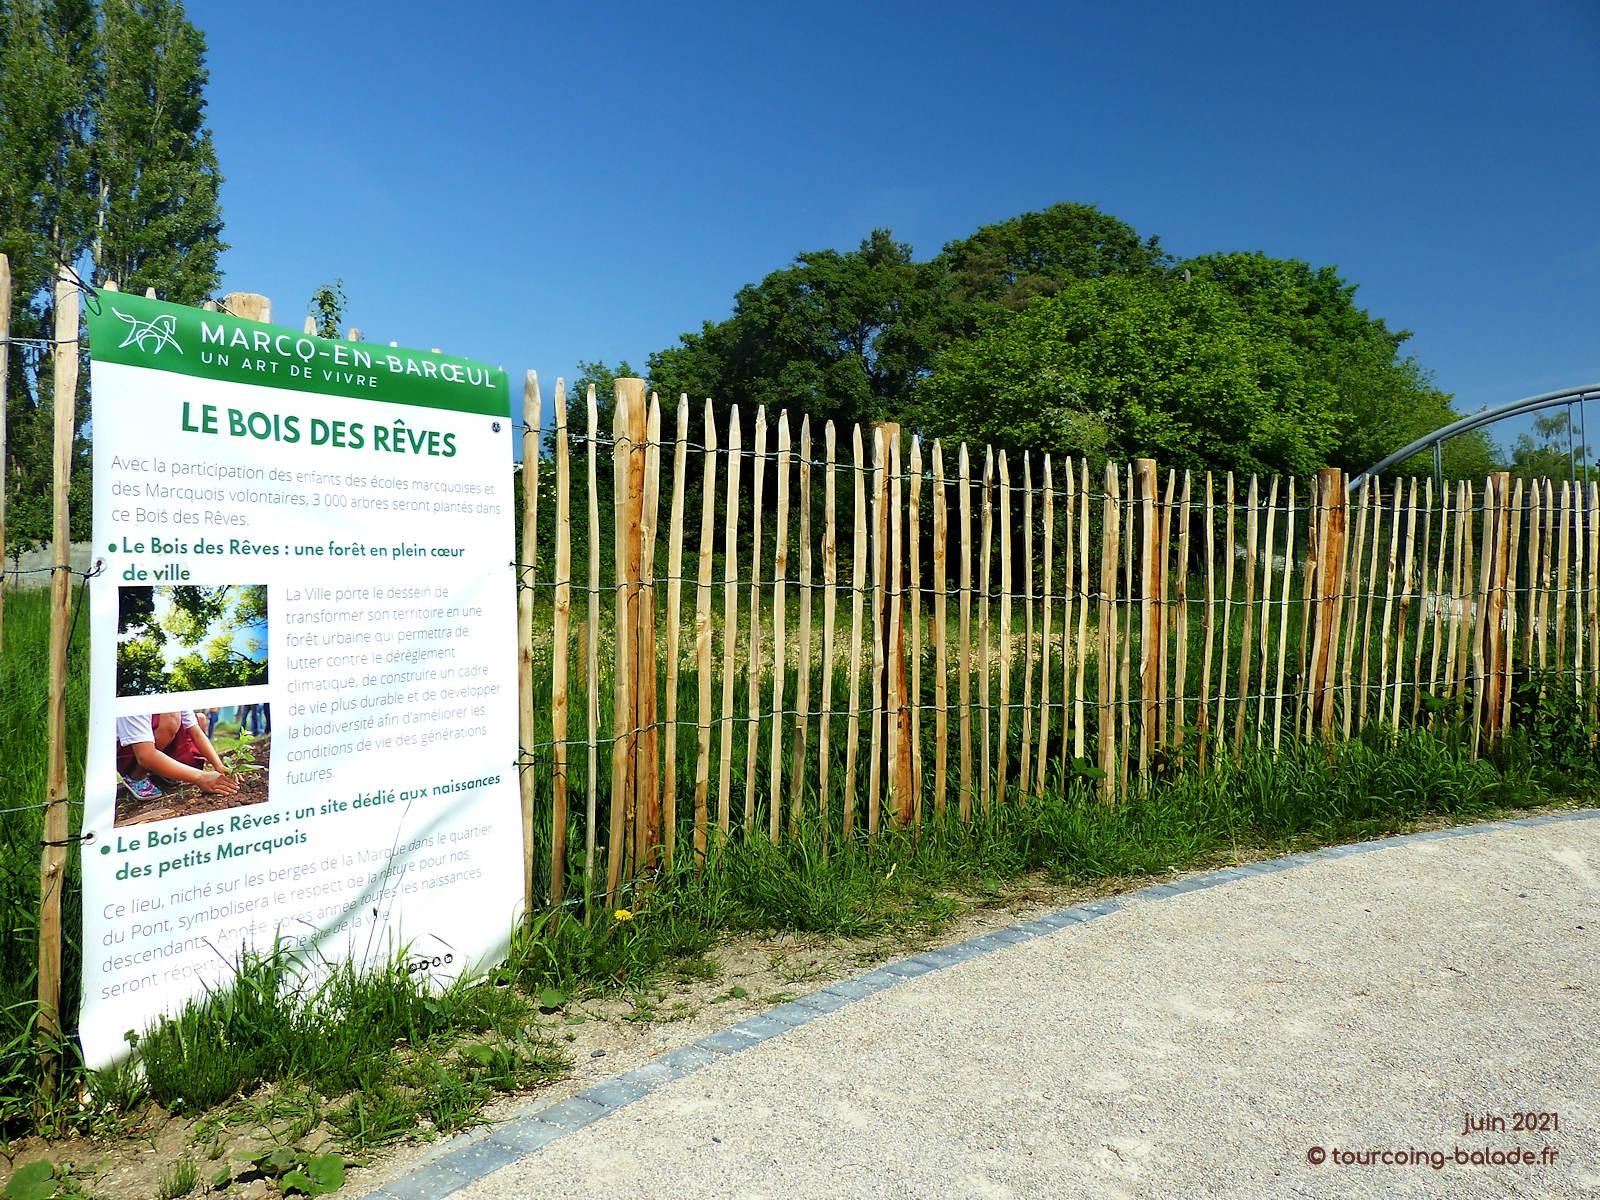 Le Bois des Rêves, Marcq-en-Baroeul